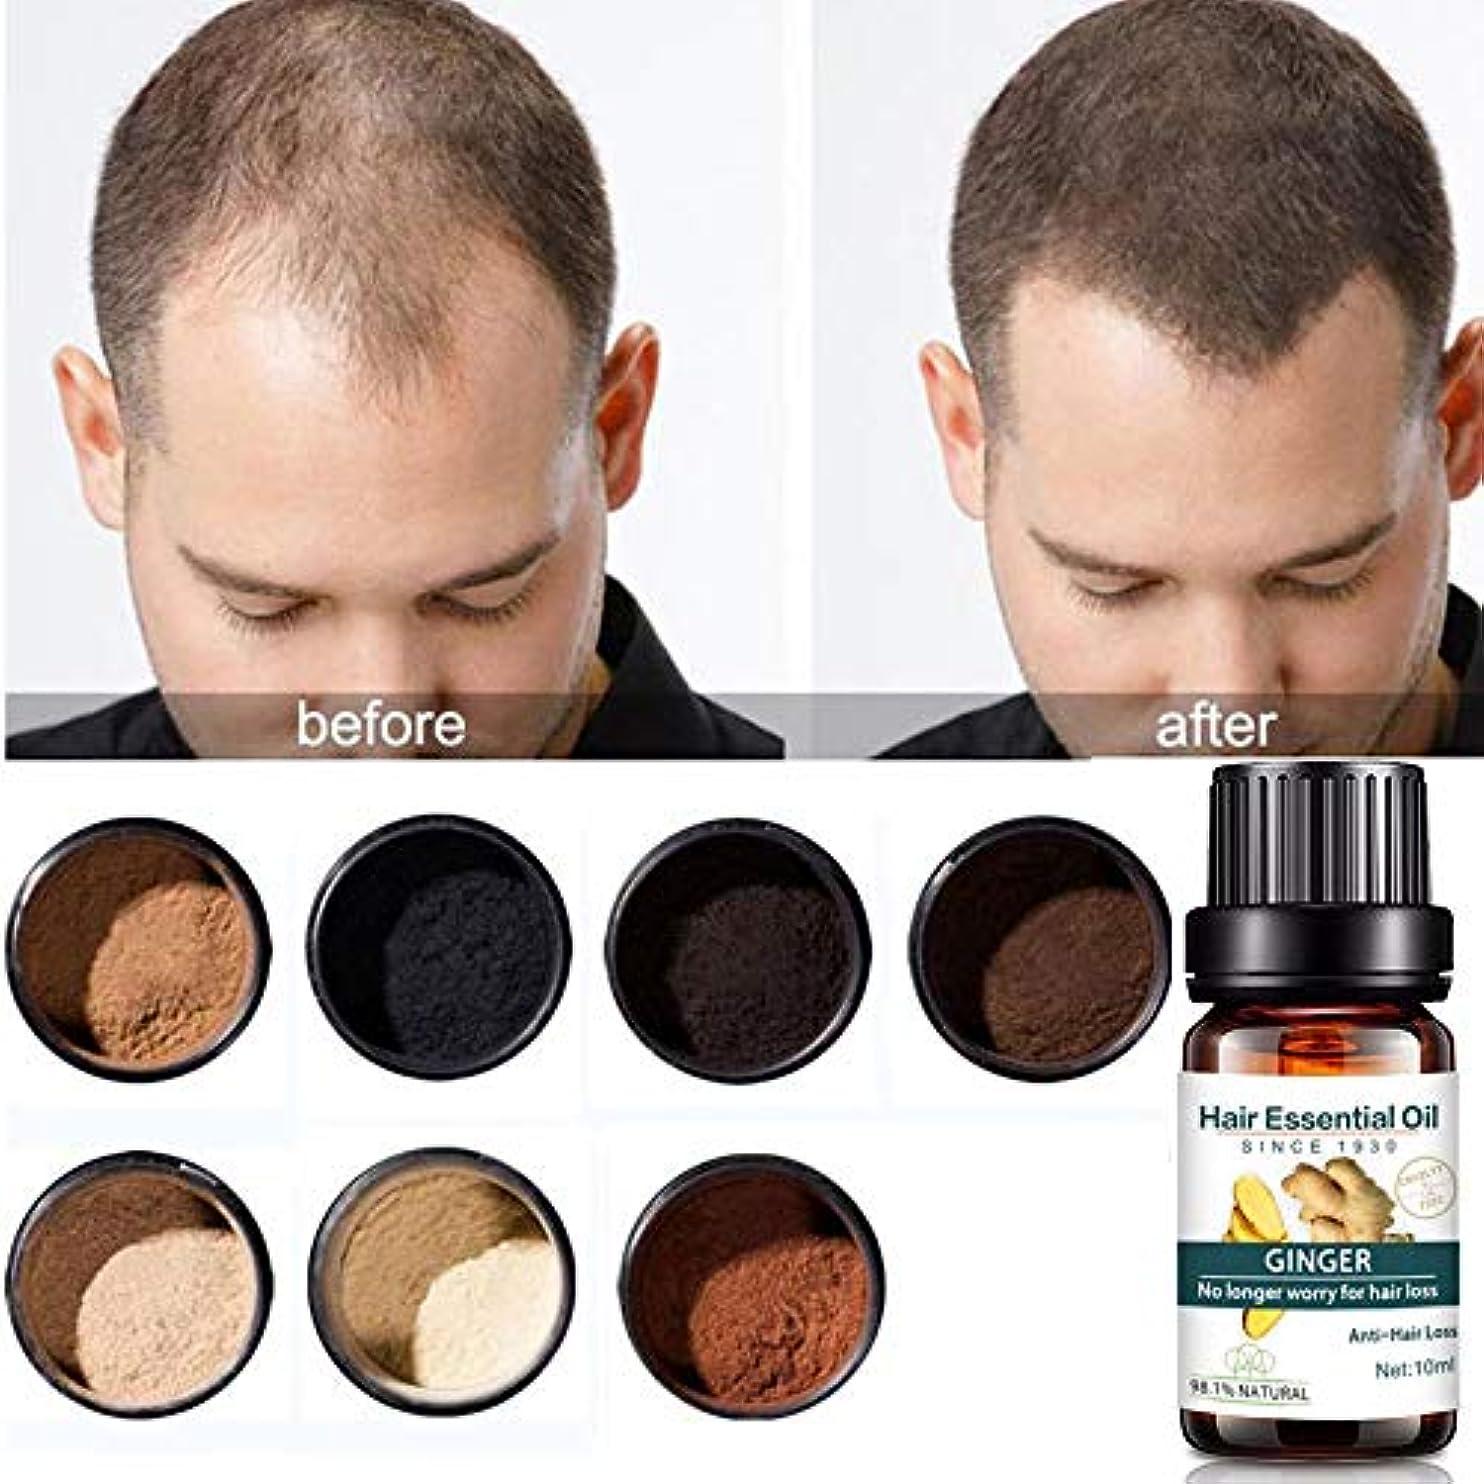 テクニカル系統的ピクニックをする育毛トリートメントオイル、育毛セラム、育毛ジンジャーオイル、抜け毛を防止、育毛促進